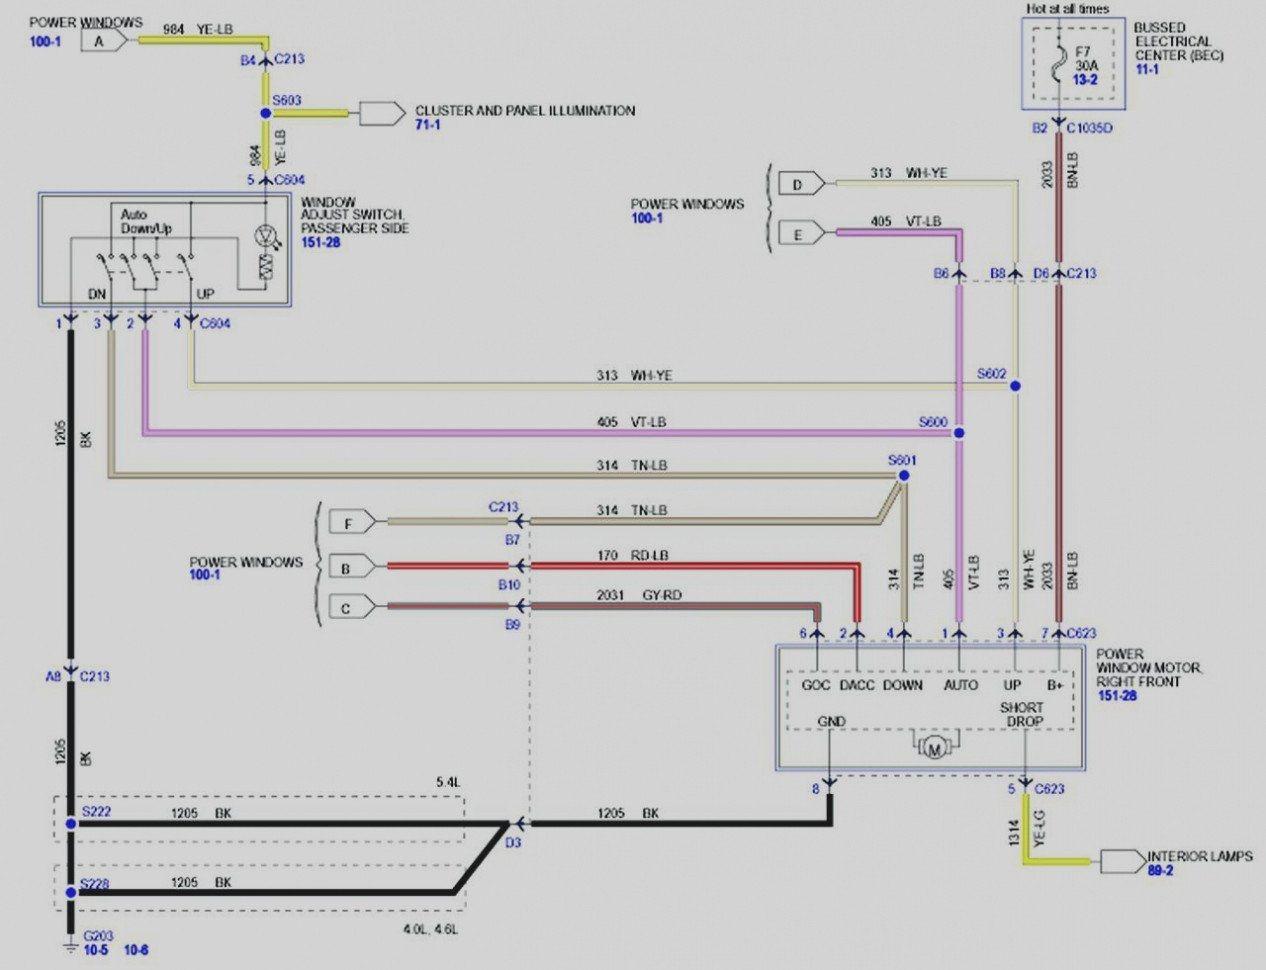 shaker 500 wiring diagram wiring diagram yer 2006 shaker 500 wiring diagram shaker 500 wiring diagram [ 1266 x 970 Pixel ]